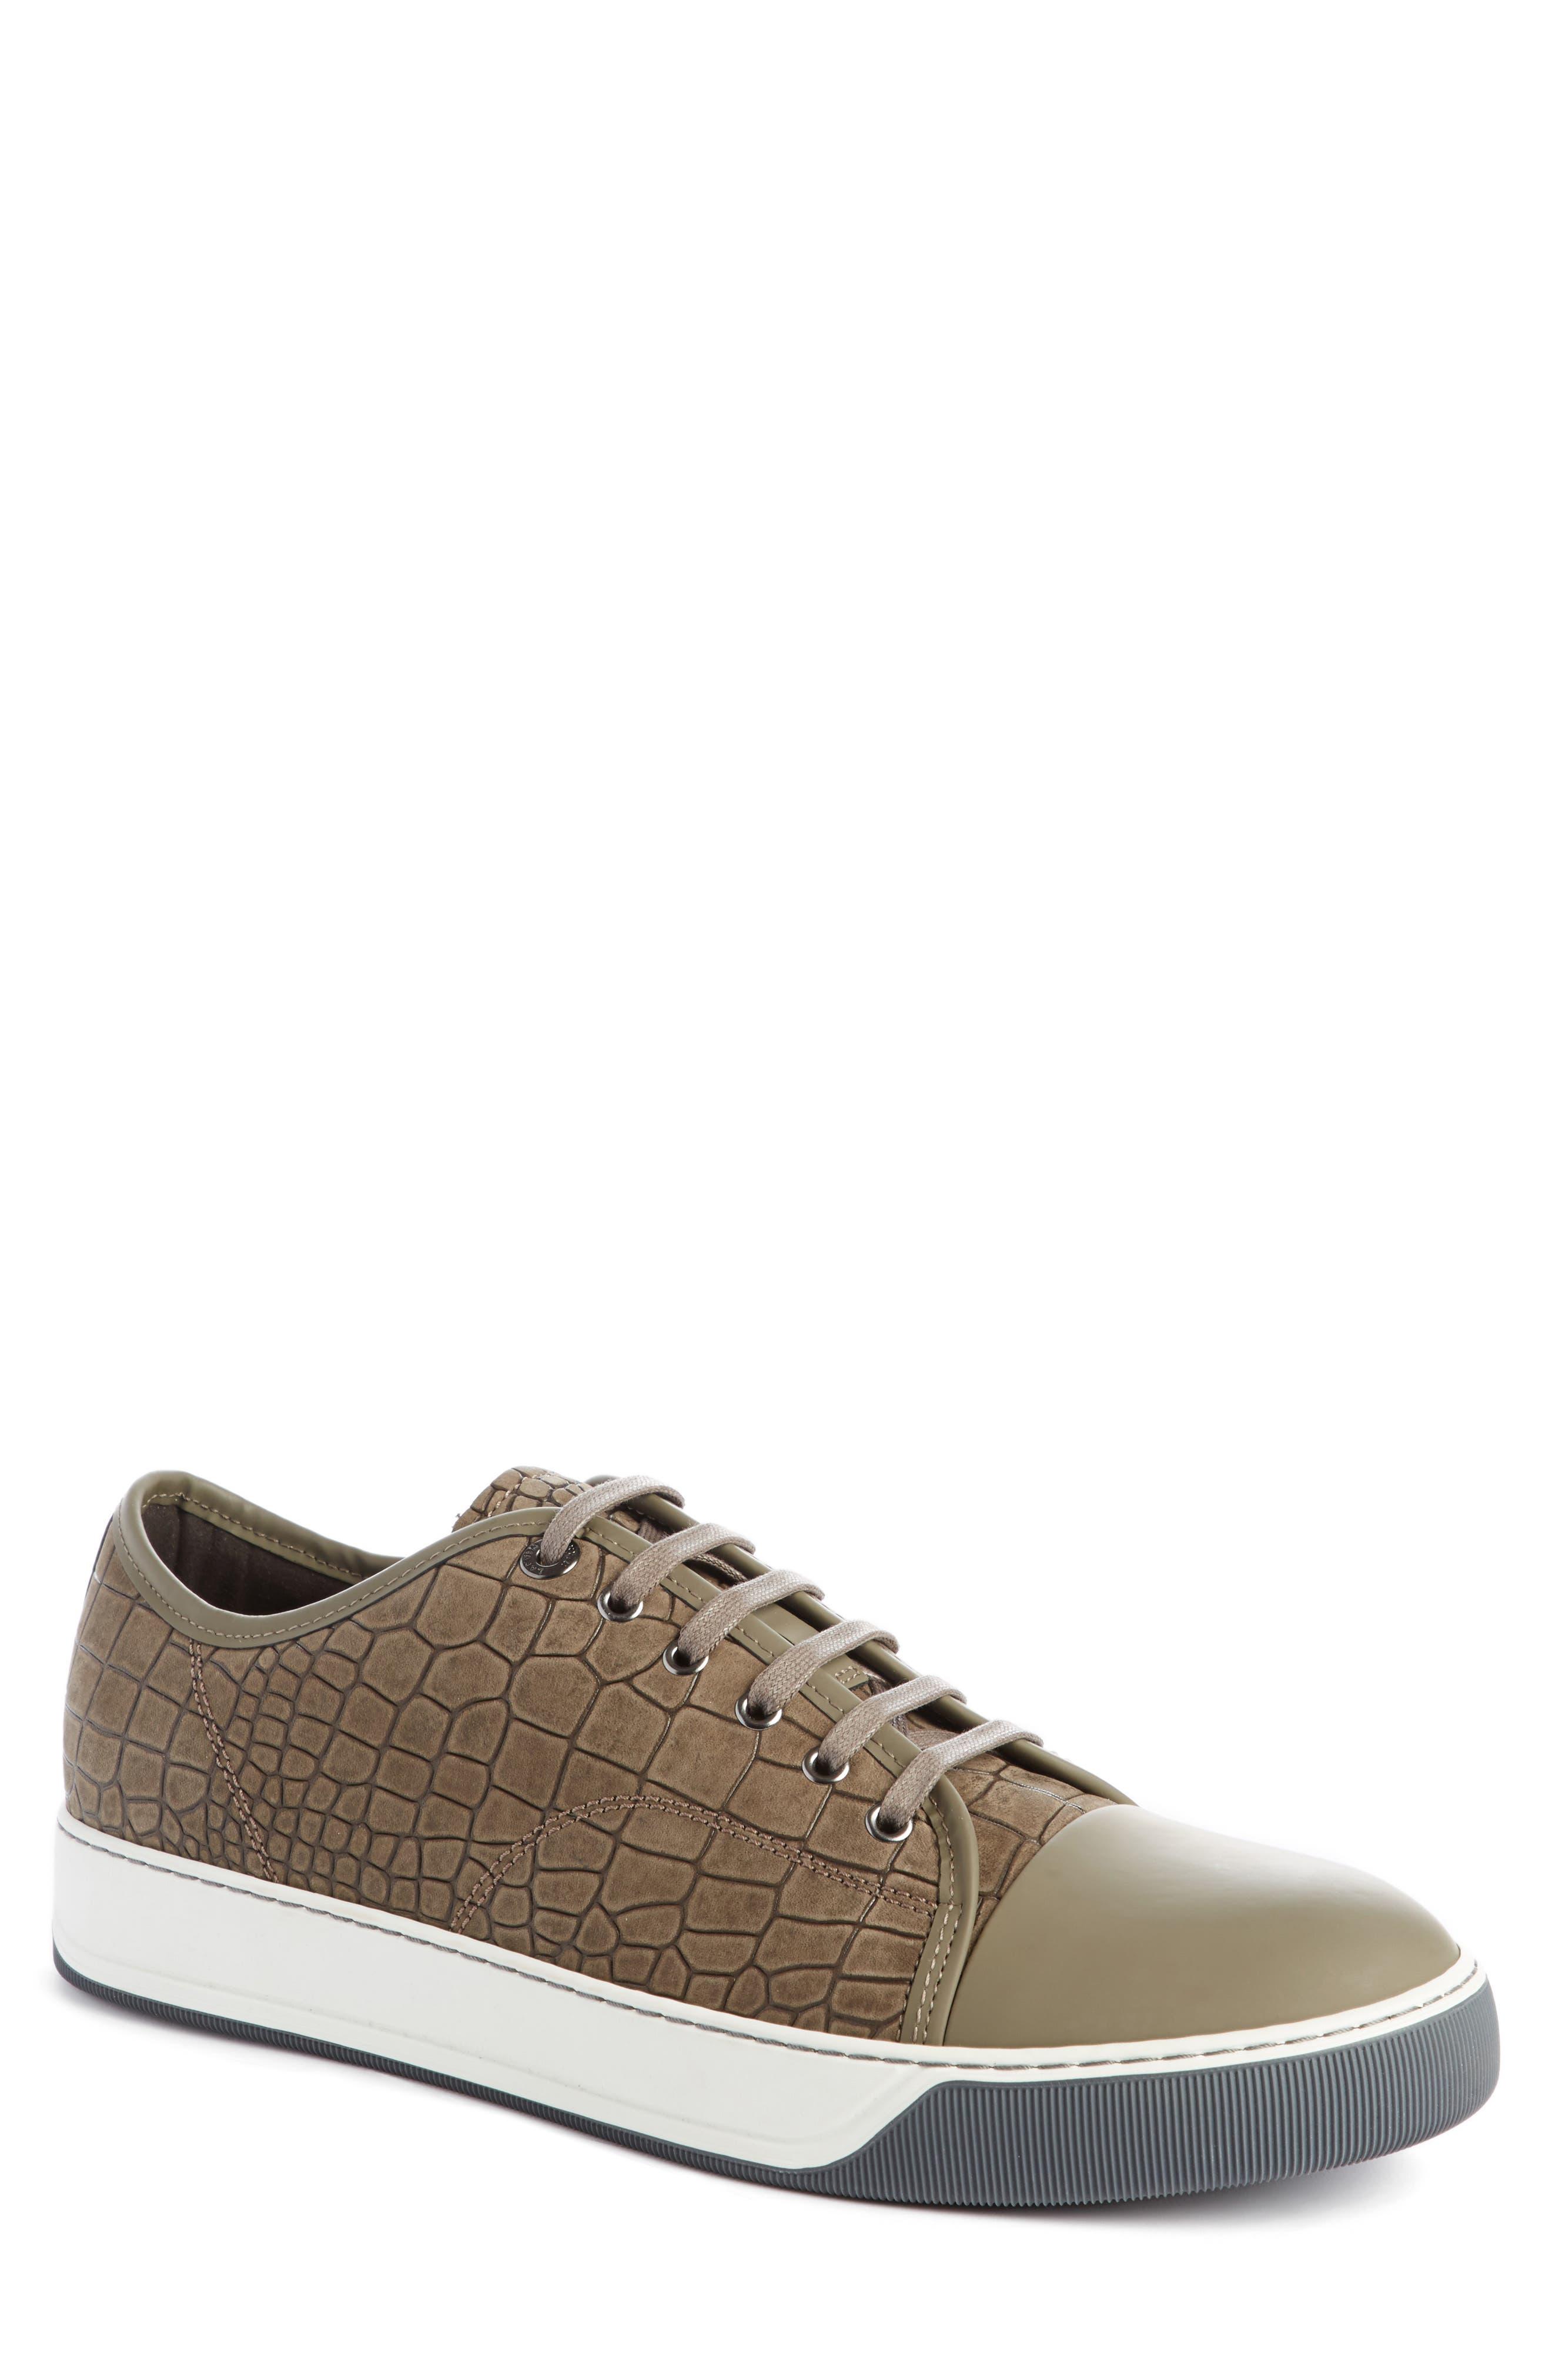 Main Image - Lanvin Embossed Nubuck Low Top Sneaker (Men)